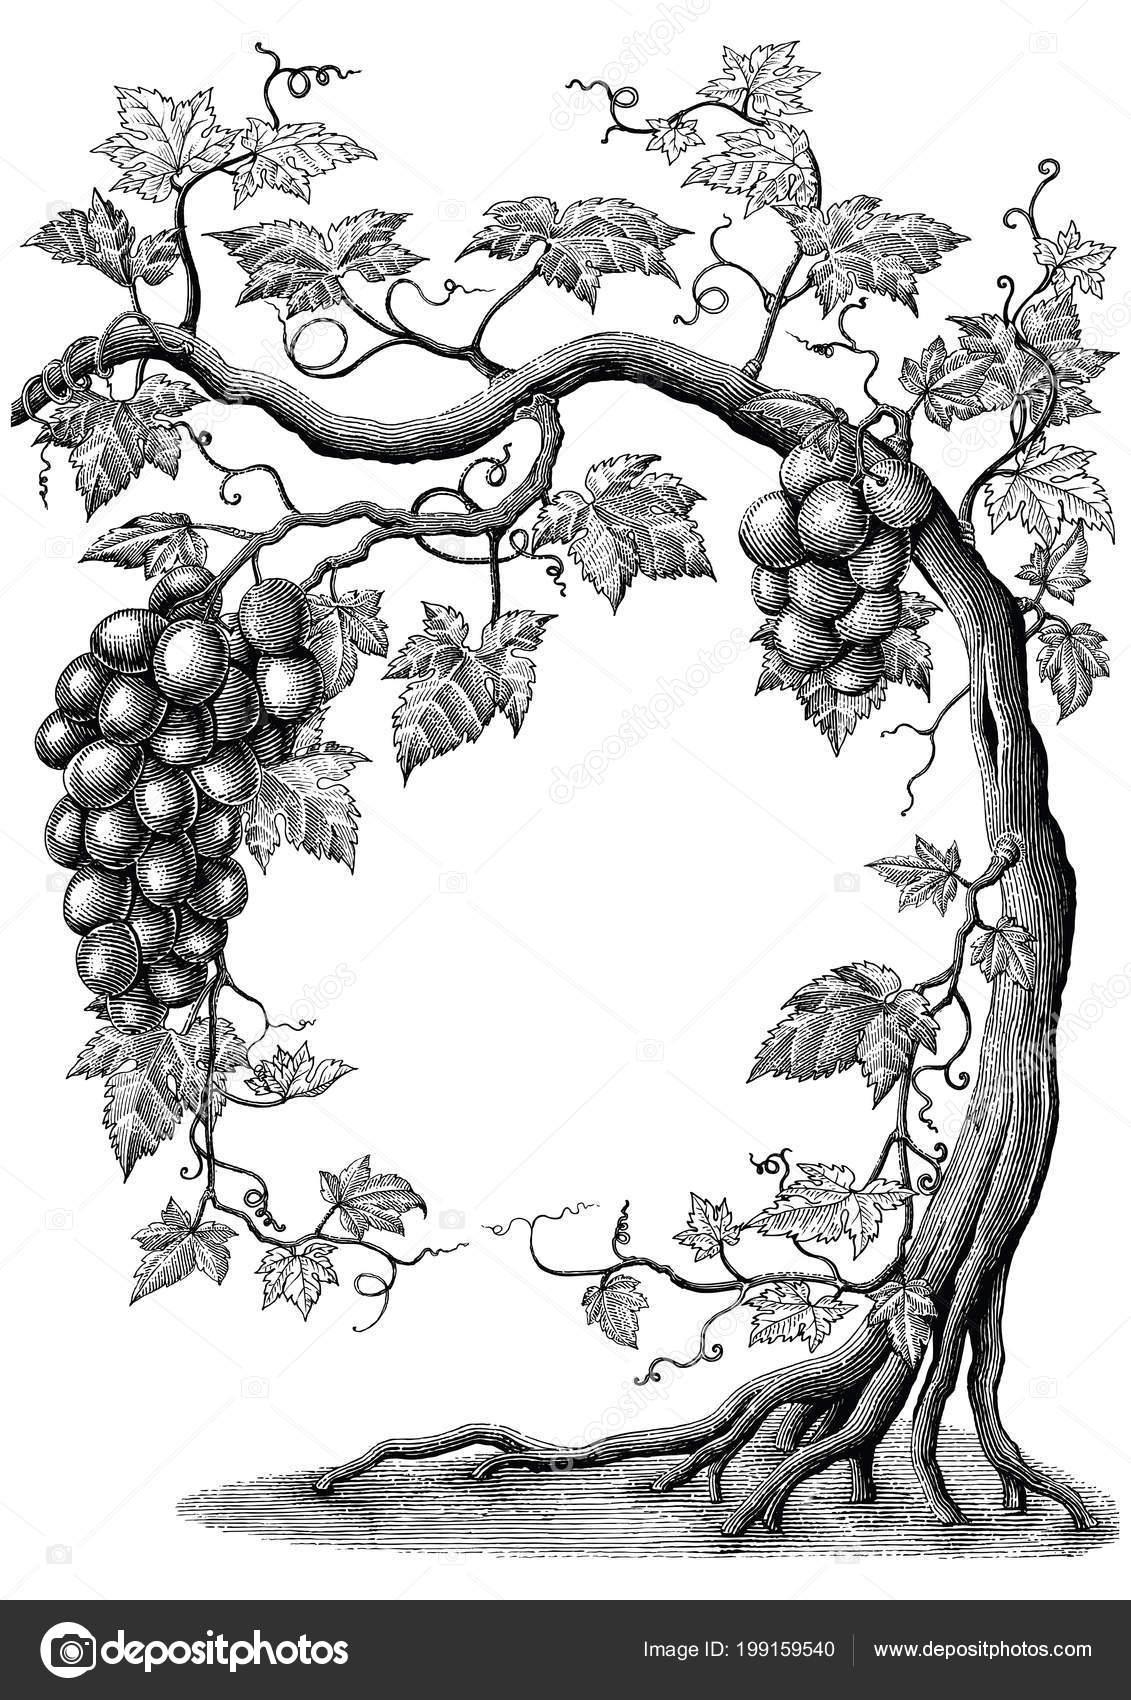 árbol Uva Mano Dibujo Vintage Grabado Ilustración Sobre Fondo Blanco